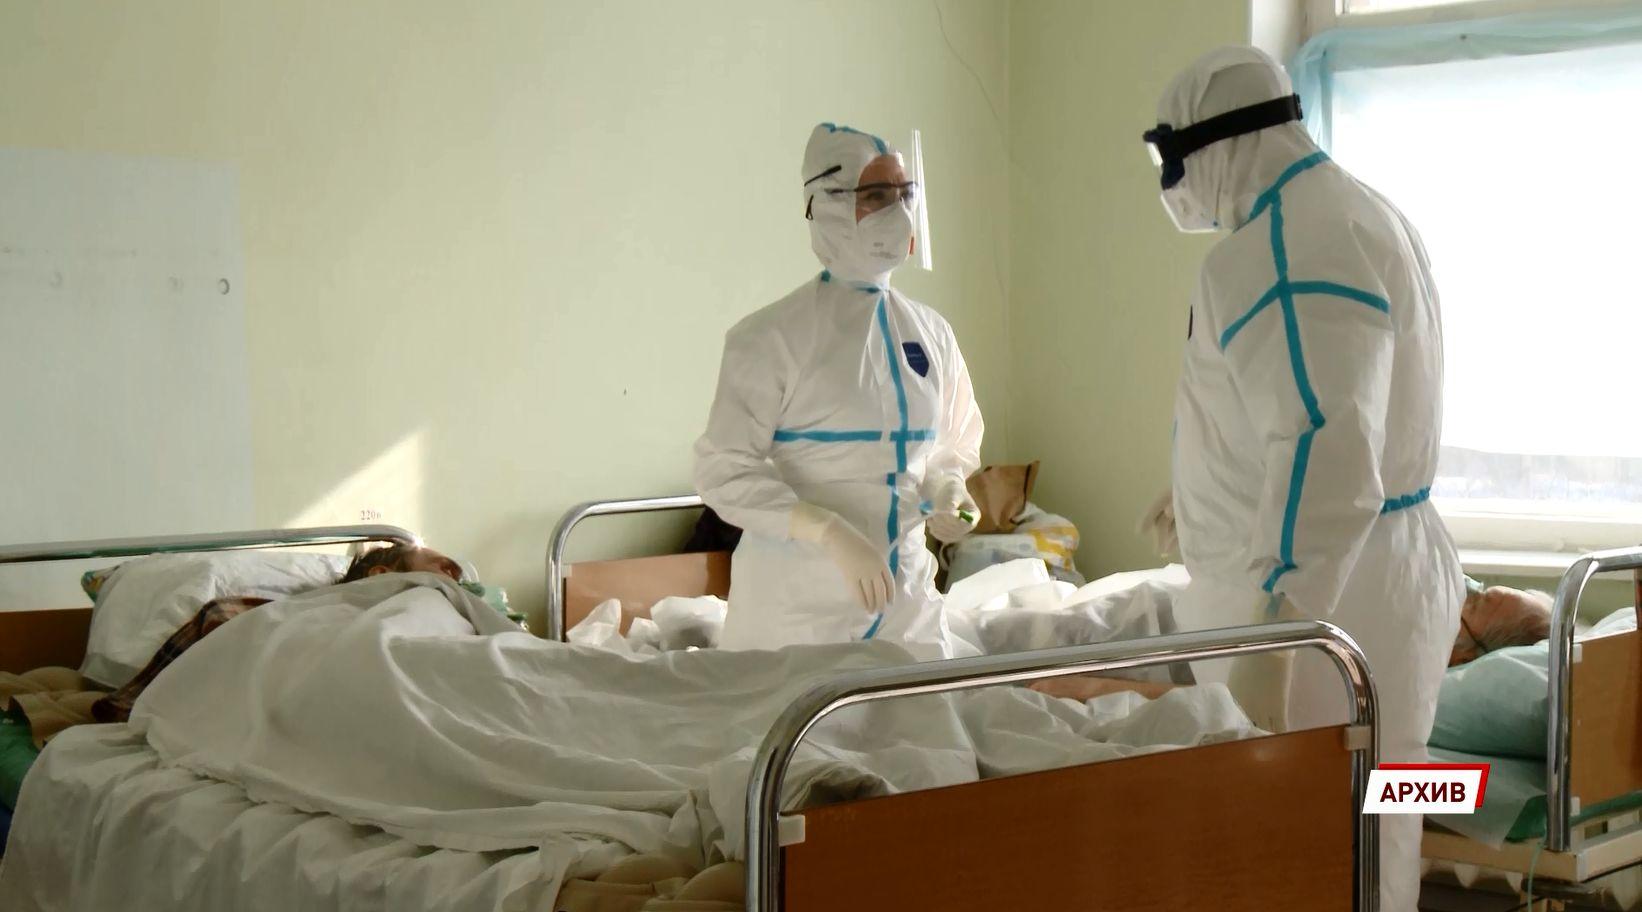 Мы работаем на пределе своих возможностей - с этими словами врачи Ярославской области обратились к жителям